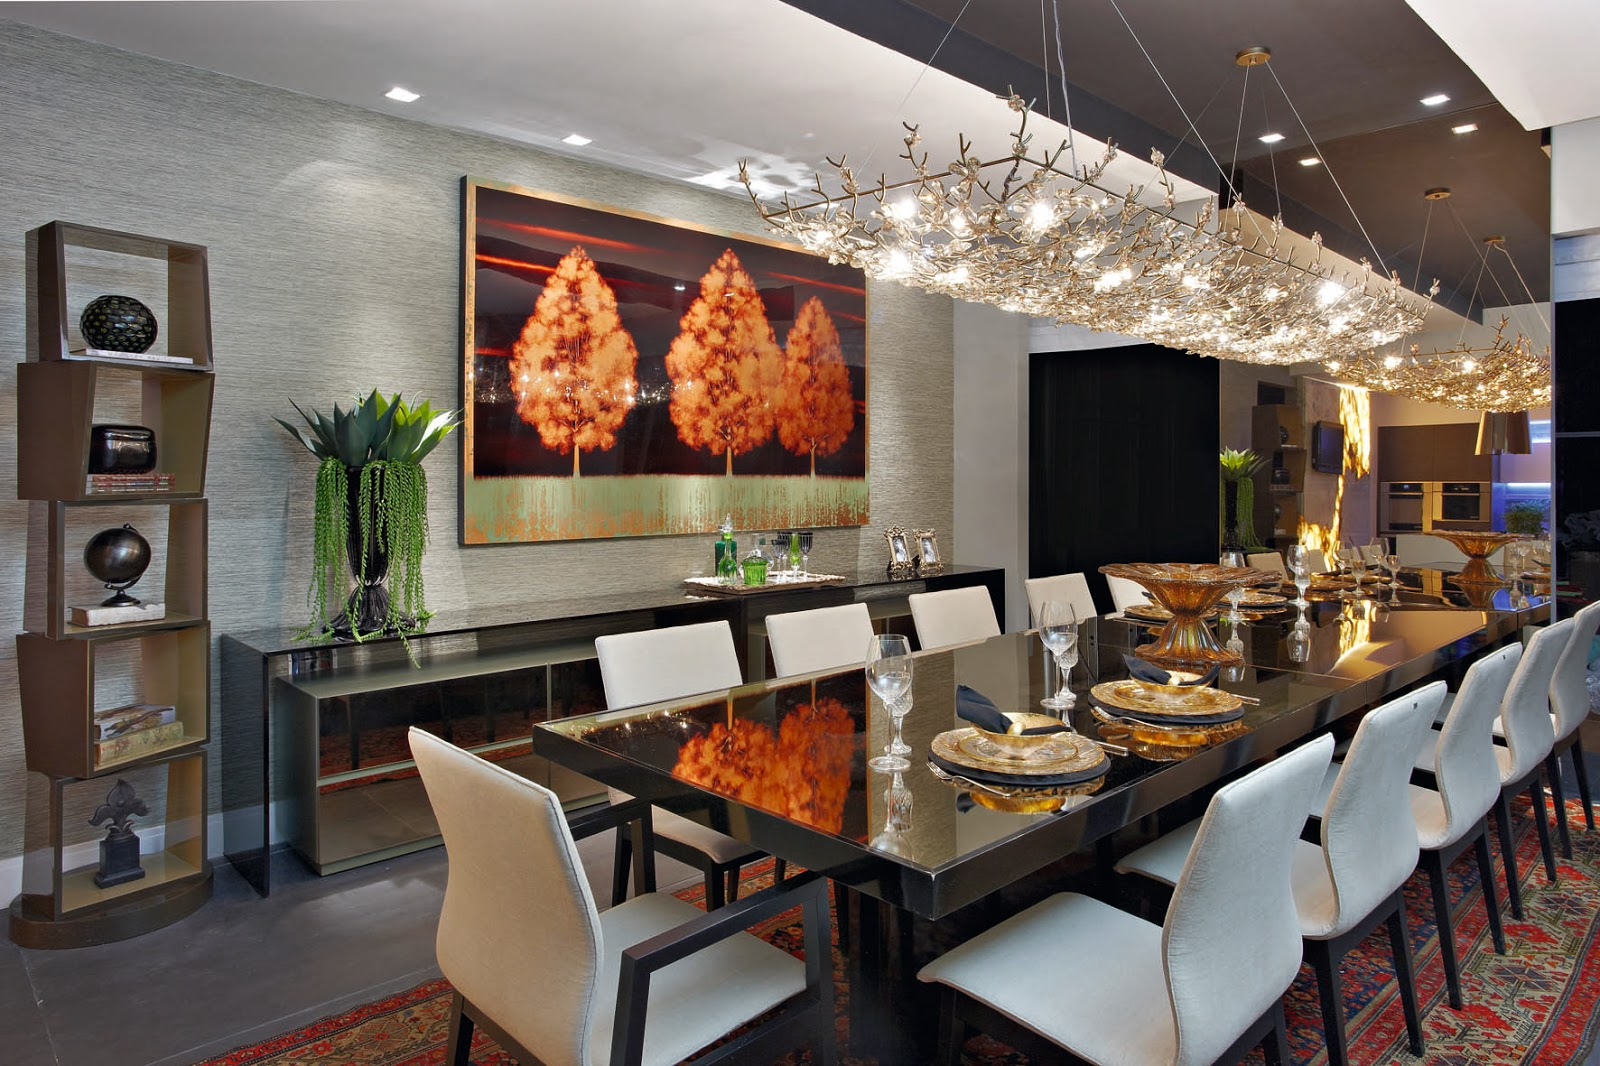 Salas De Jantar 50 Modelos Maravilhosos E Dicas De Como Decorar  -> Casa Sala De Tv Sala De Jantar A Fazenda